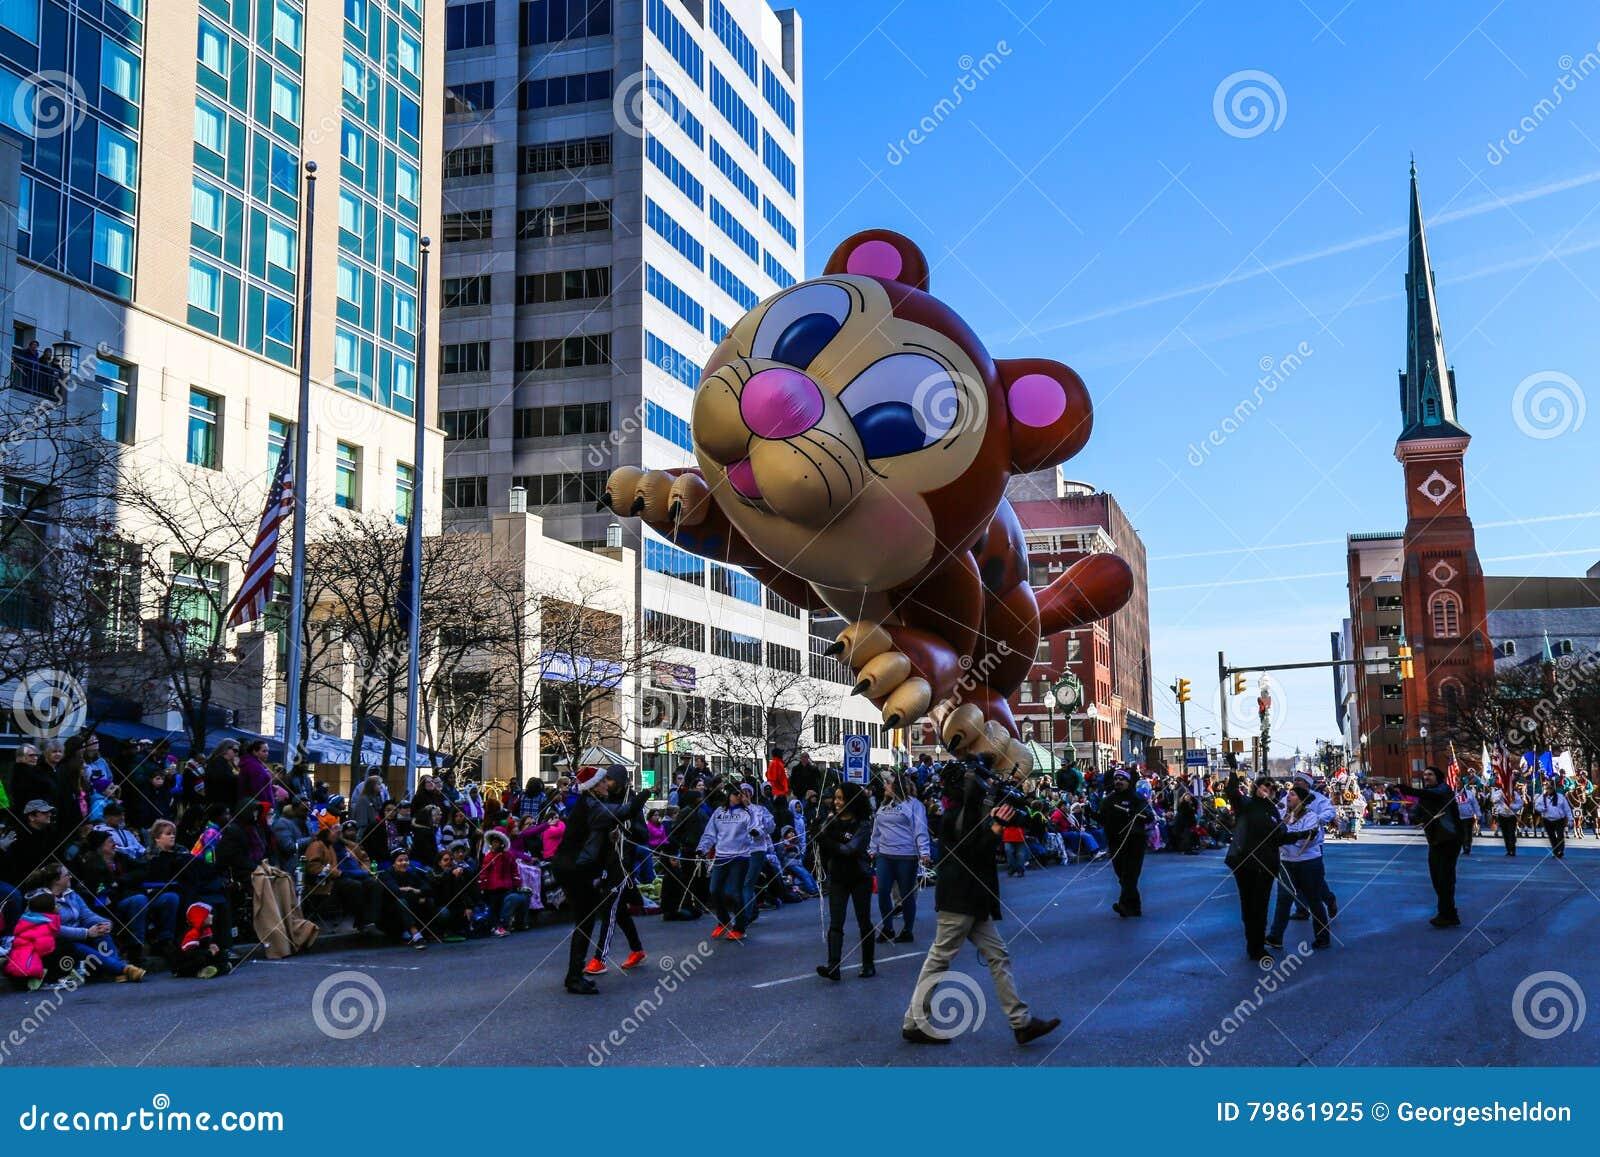 Große Cat Balloon In Der Feiertags-Parade Redaktionelles Bild - Bild ...